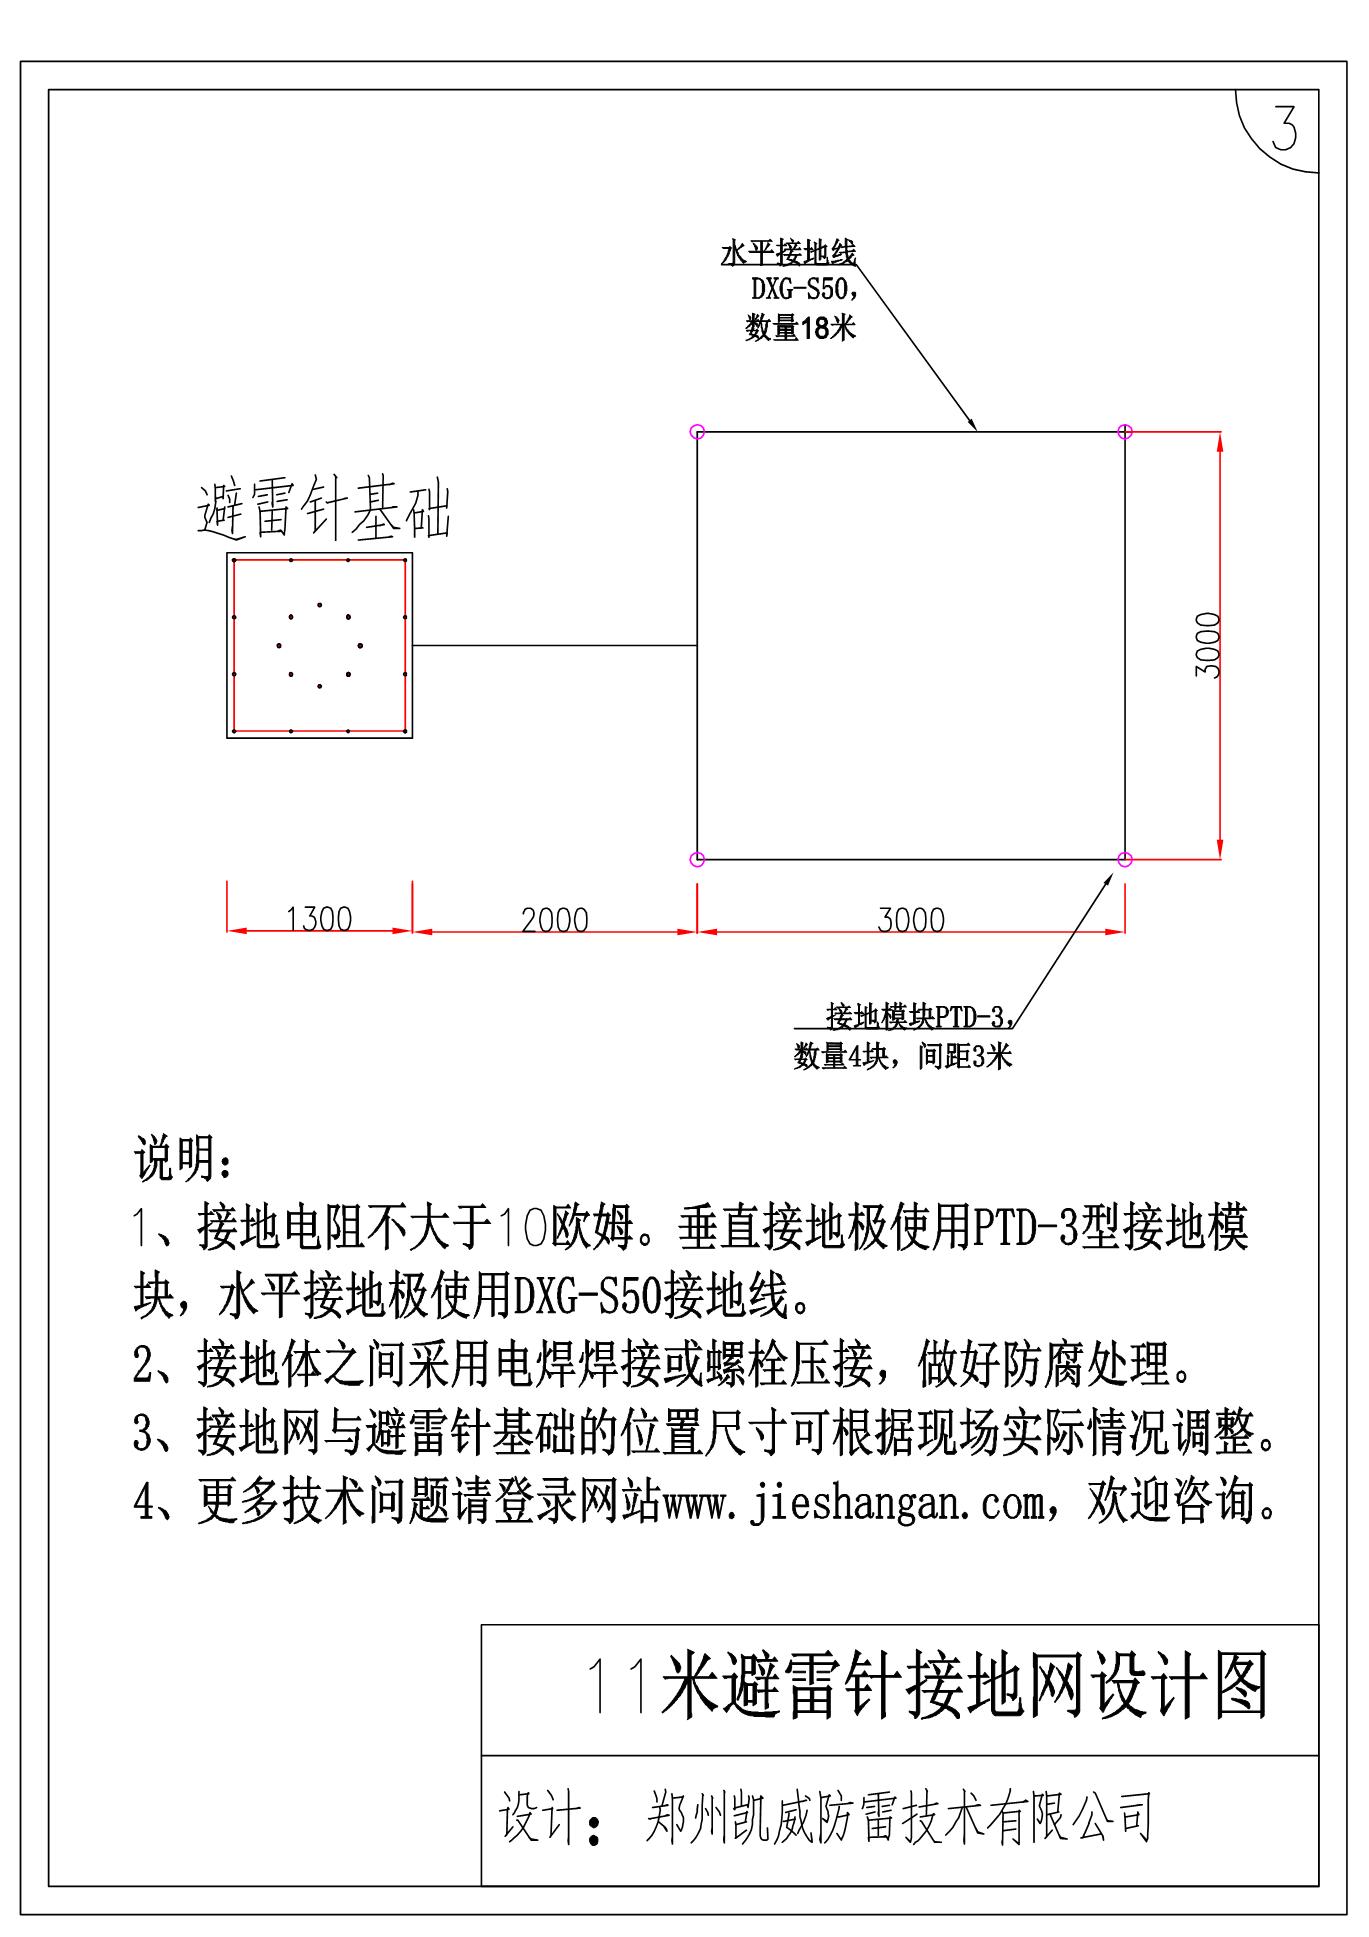 11米避雷针设计图3.jpg